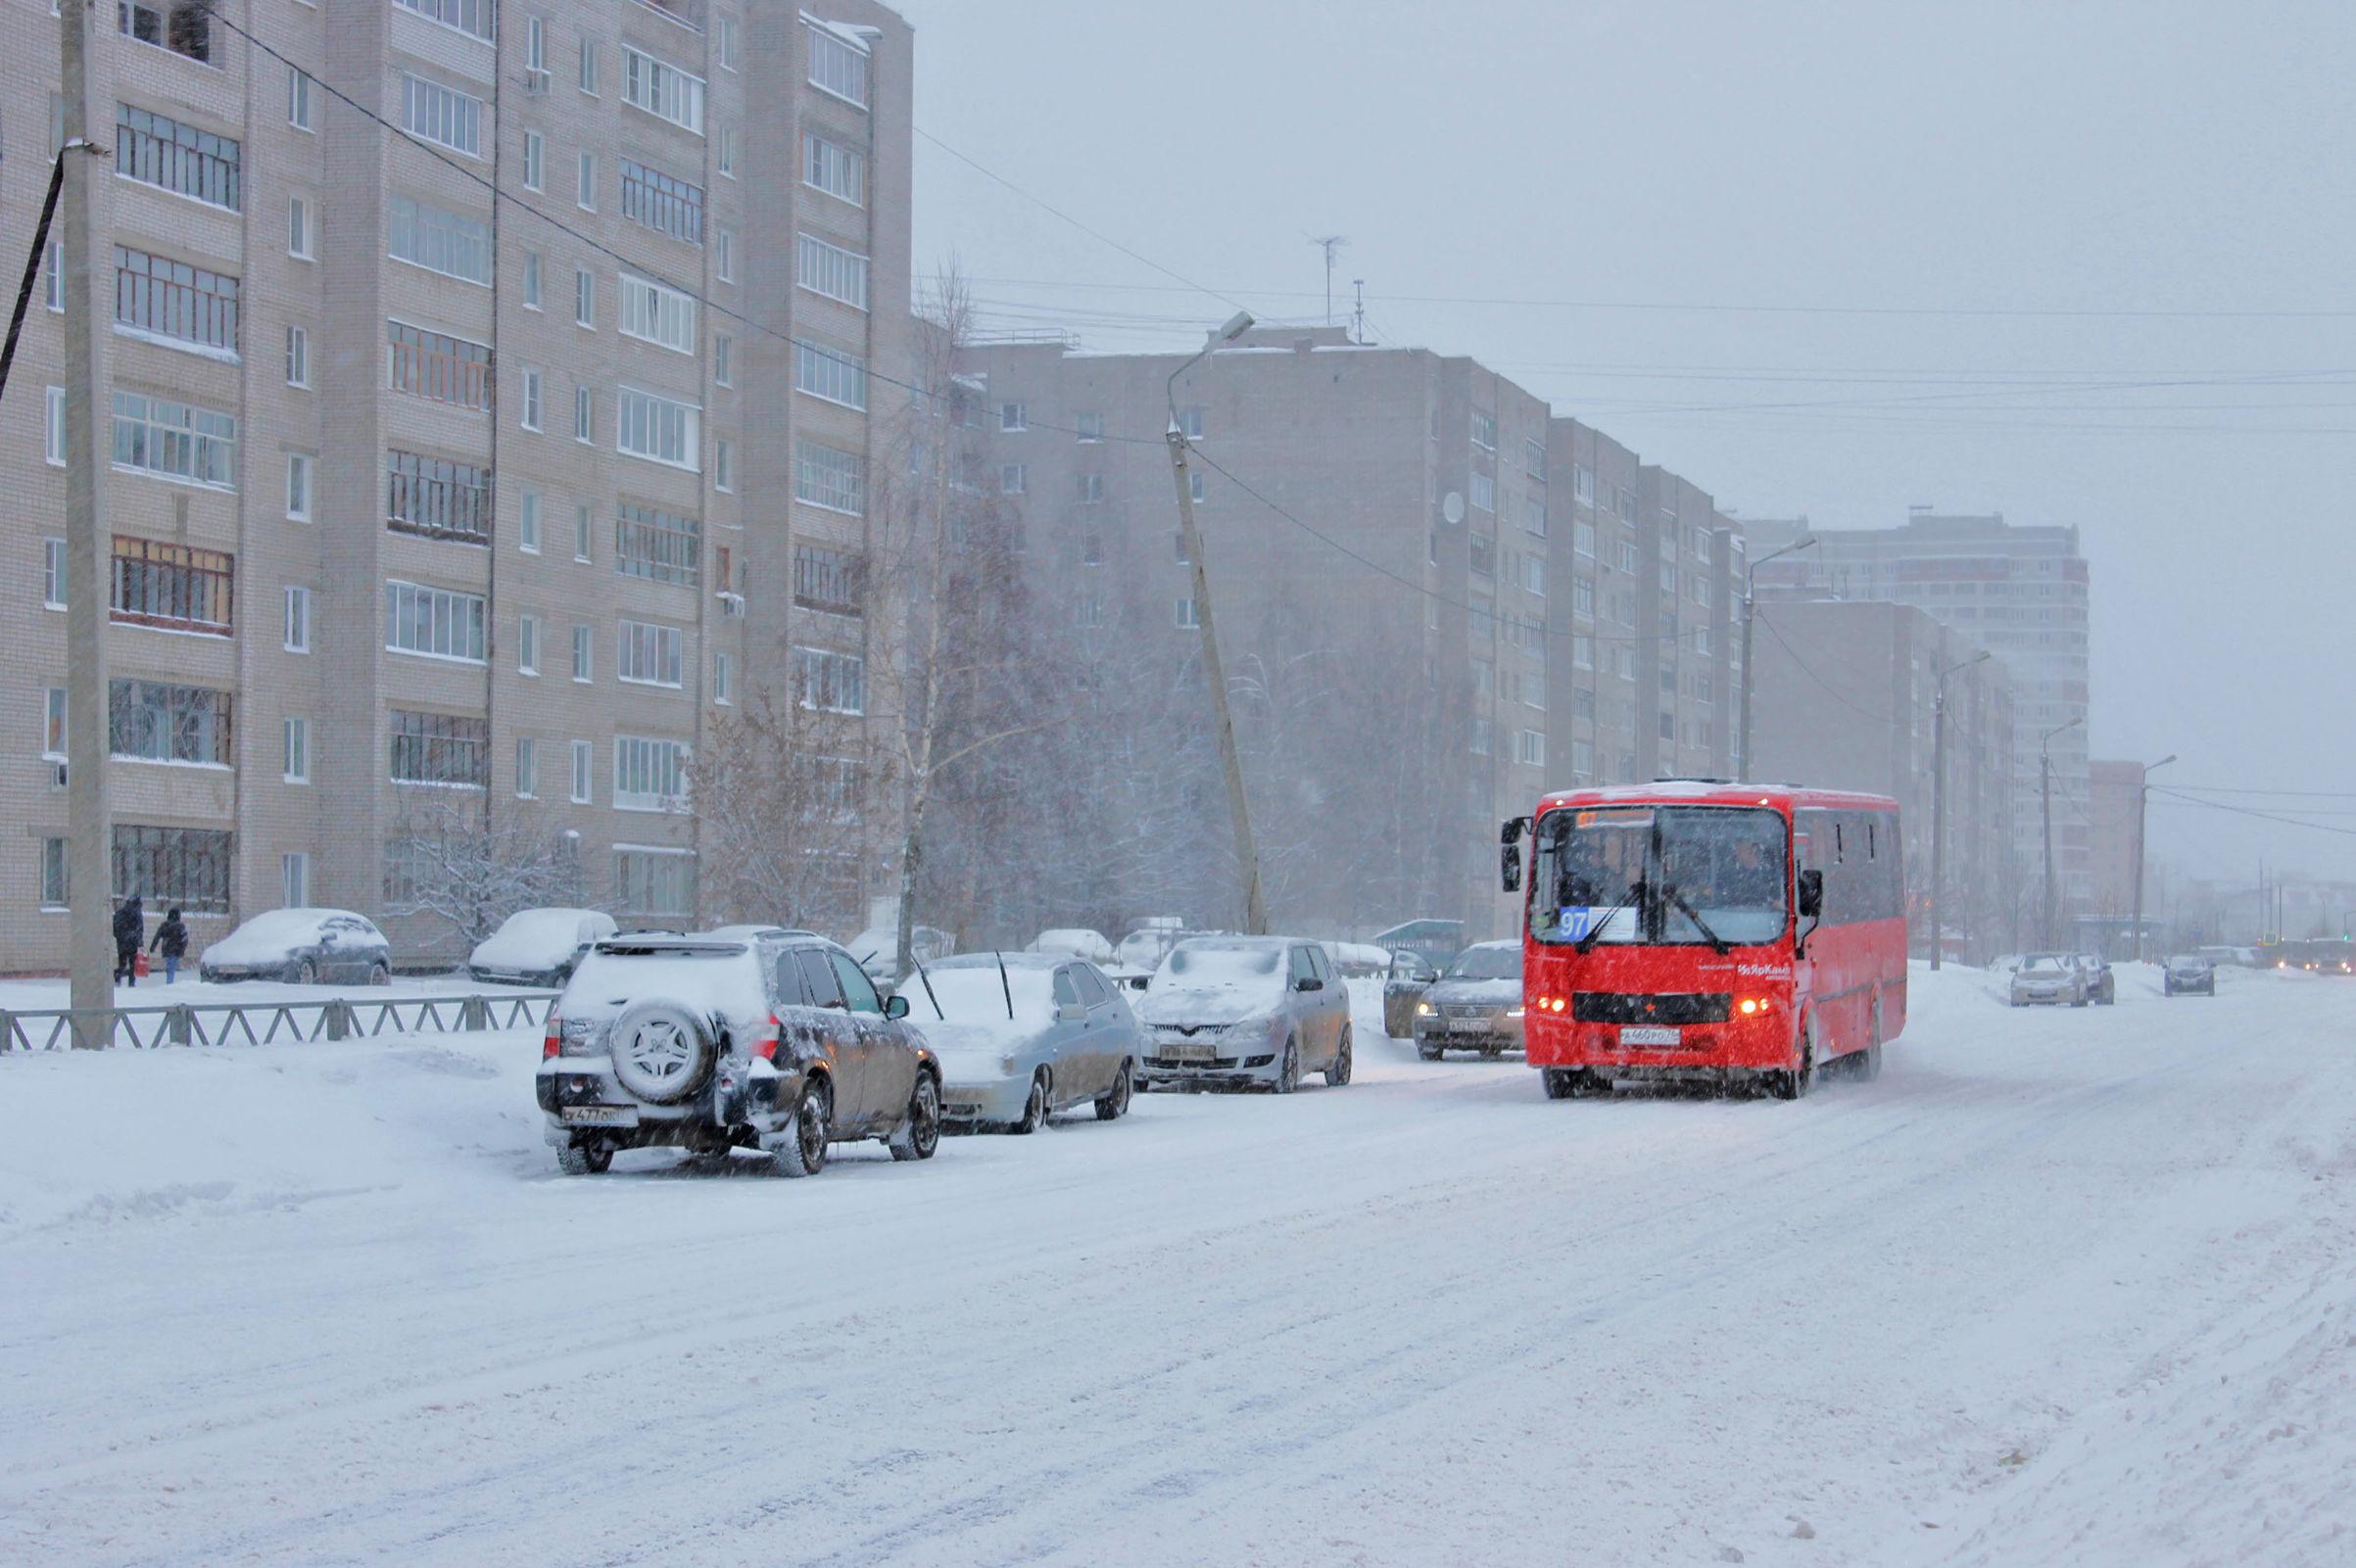 В мэрии Ярославля объявили о приостановке транспортной реформы